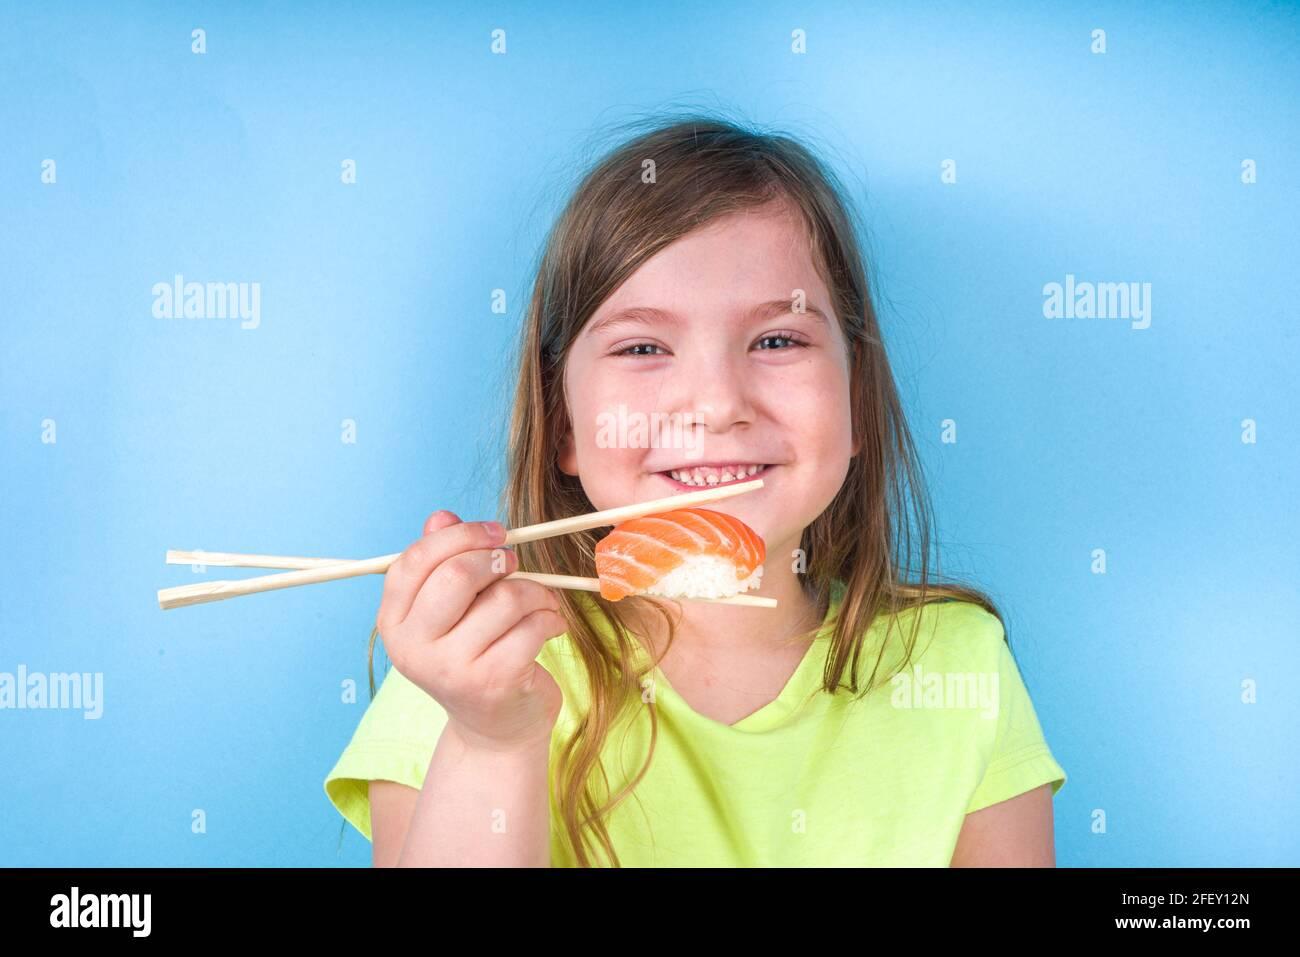 Une petite fille adorable aime manger des sushis. Joyeux drôle caucasien blonde petite fille avec divers rouleaux de sushi et baguettes. Sur fond bleu vif Banque D'Images